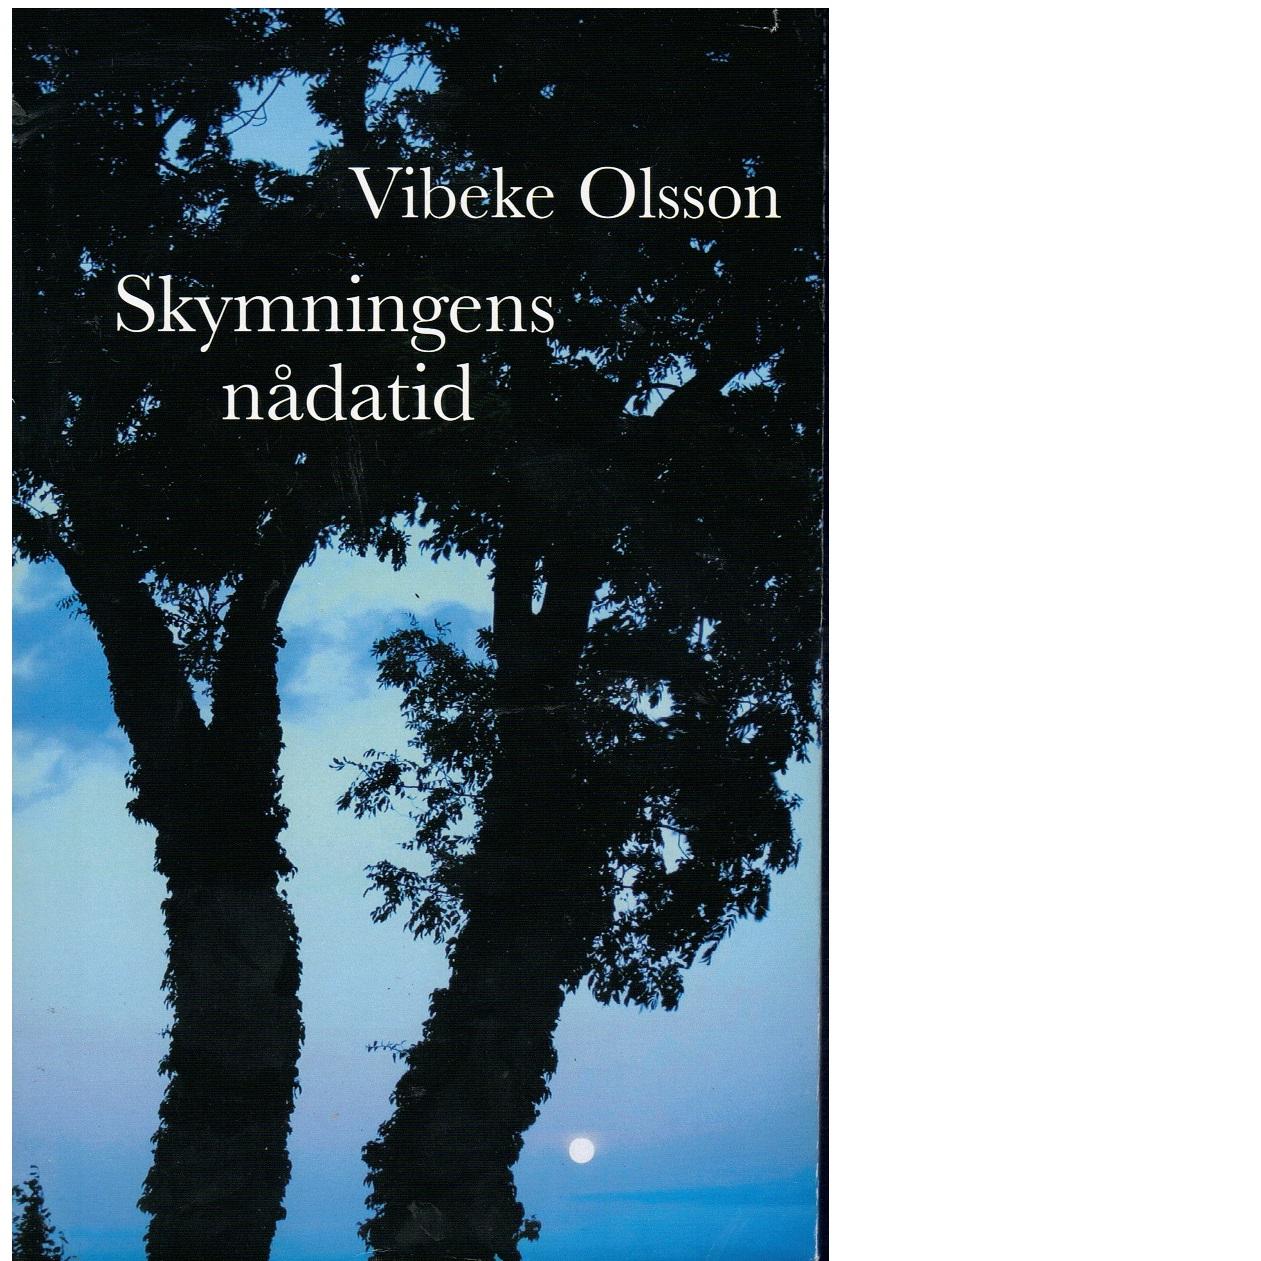 Skymningens nådatid - Olsson, Vibeke